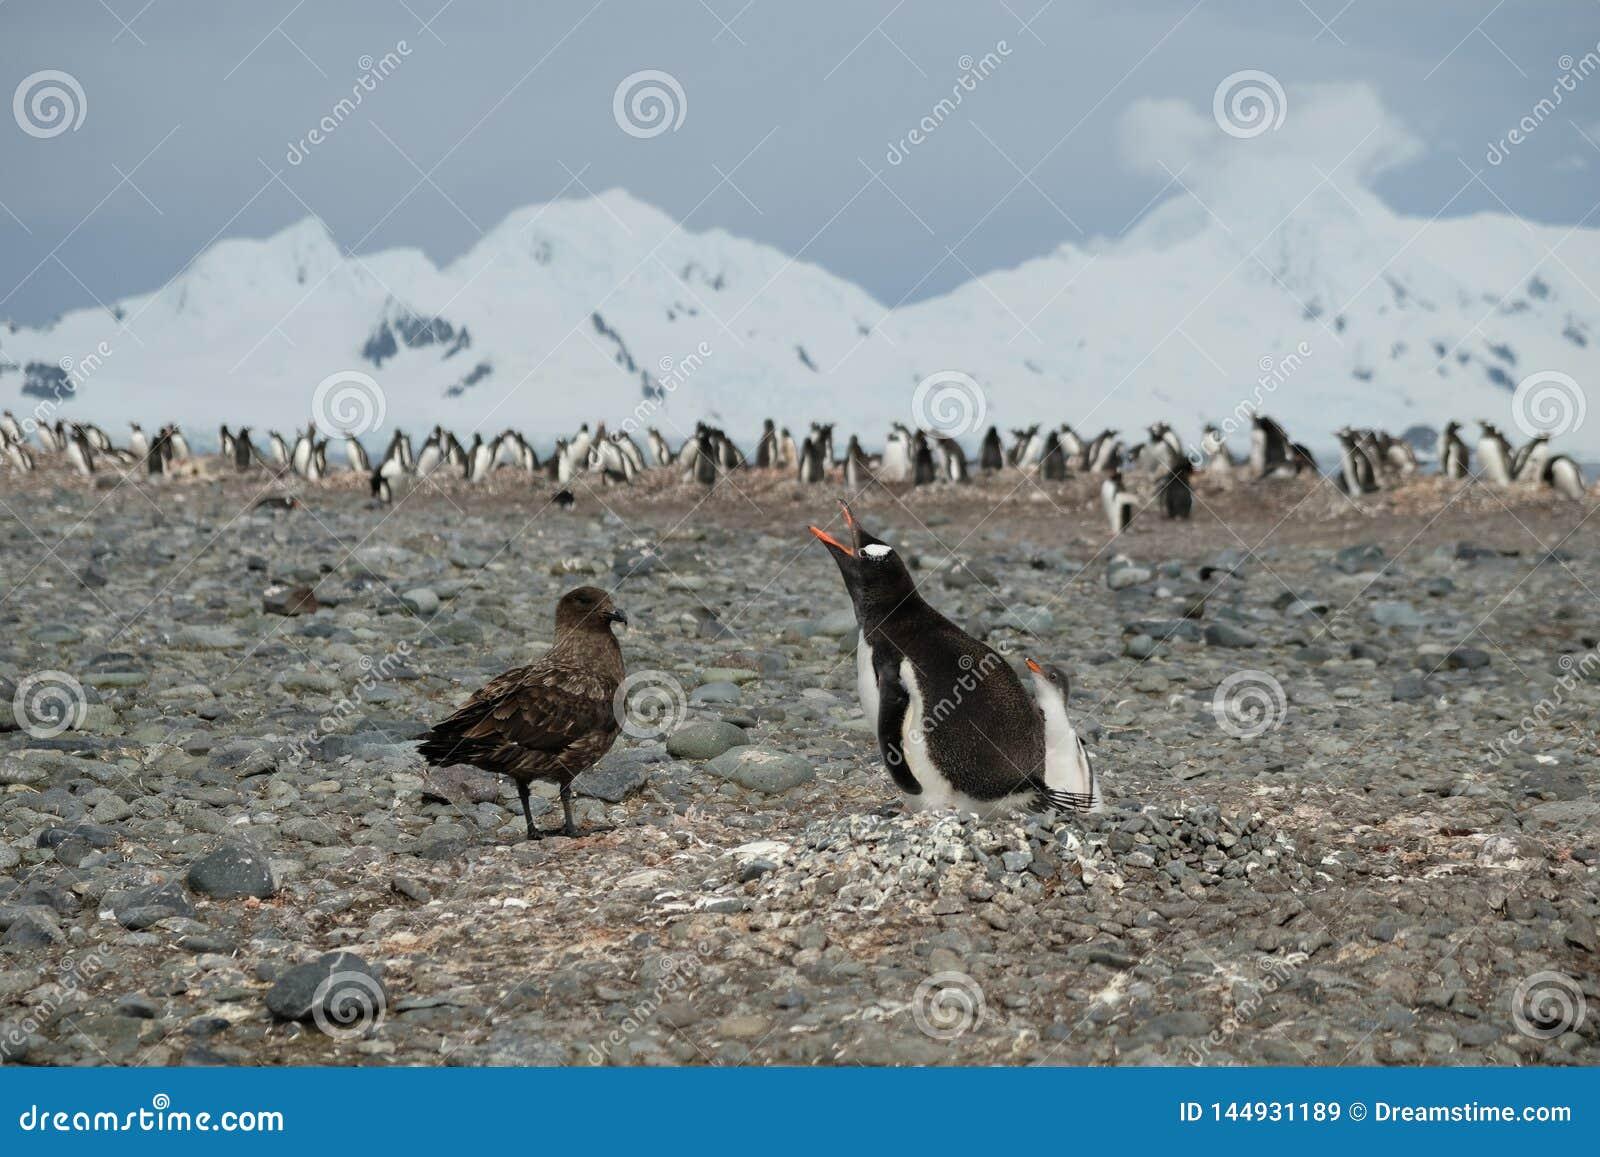 Νεοσσός υπεράσπισης της Ανταρκτικής Gentoo penguin penguin από το skua